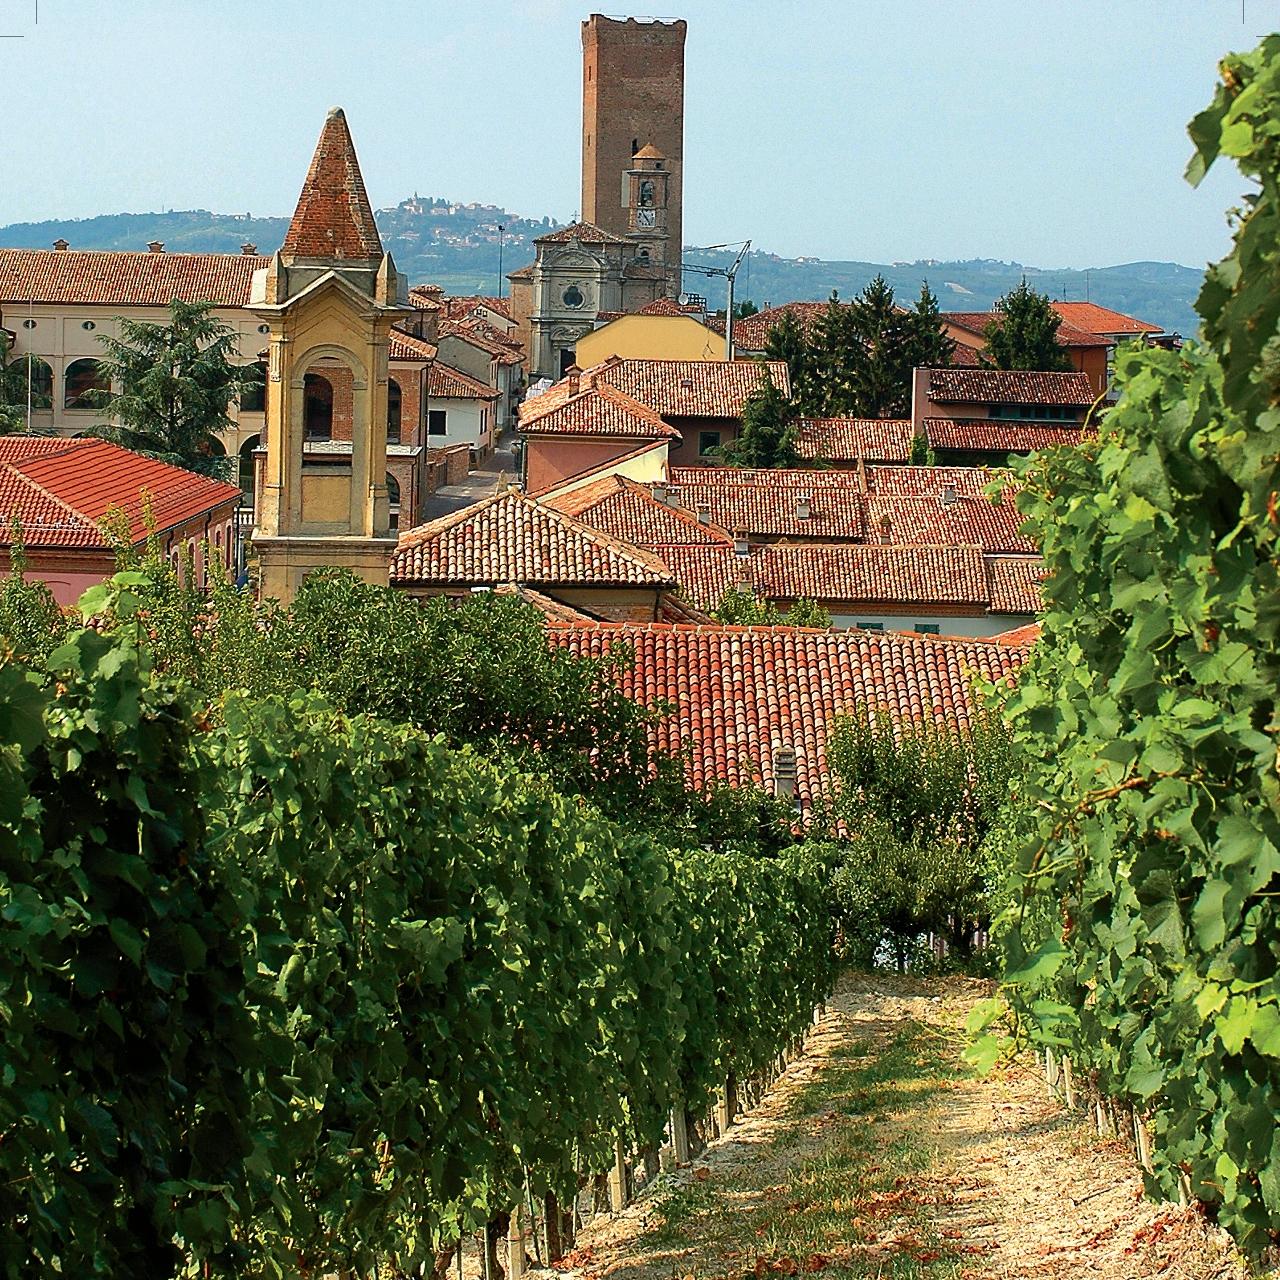 La città di Barbaresco e zona di produzione di un grande vino a base di Nebbiolo (Foto: Conosorzio Barolo Barbaresco)